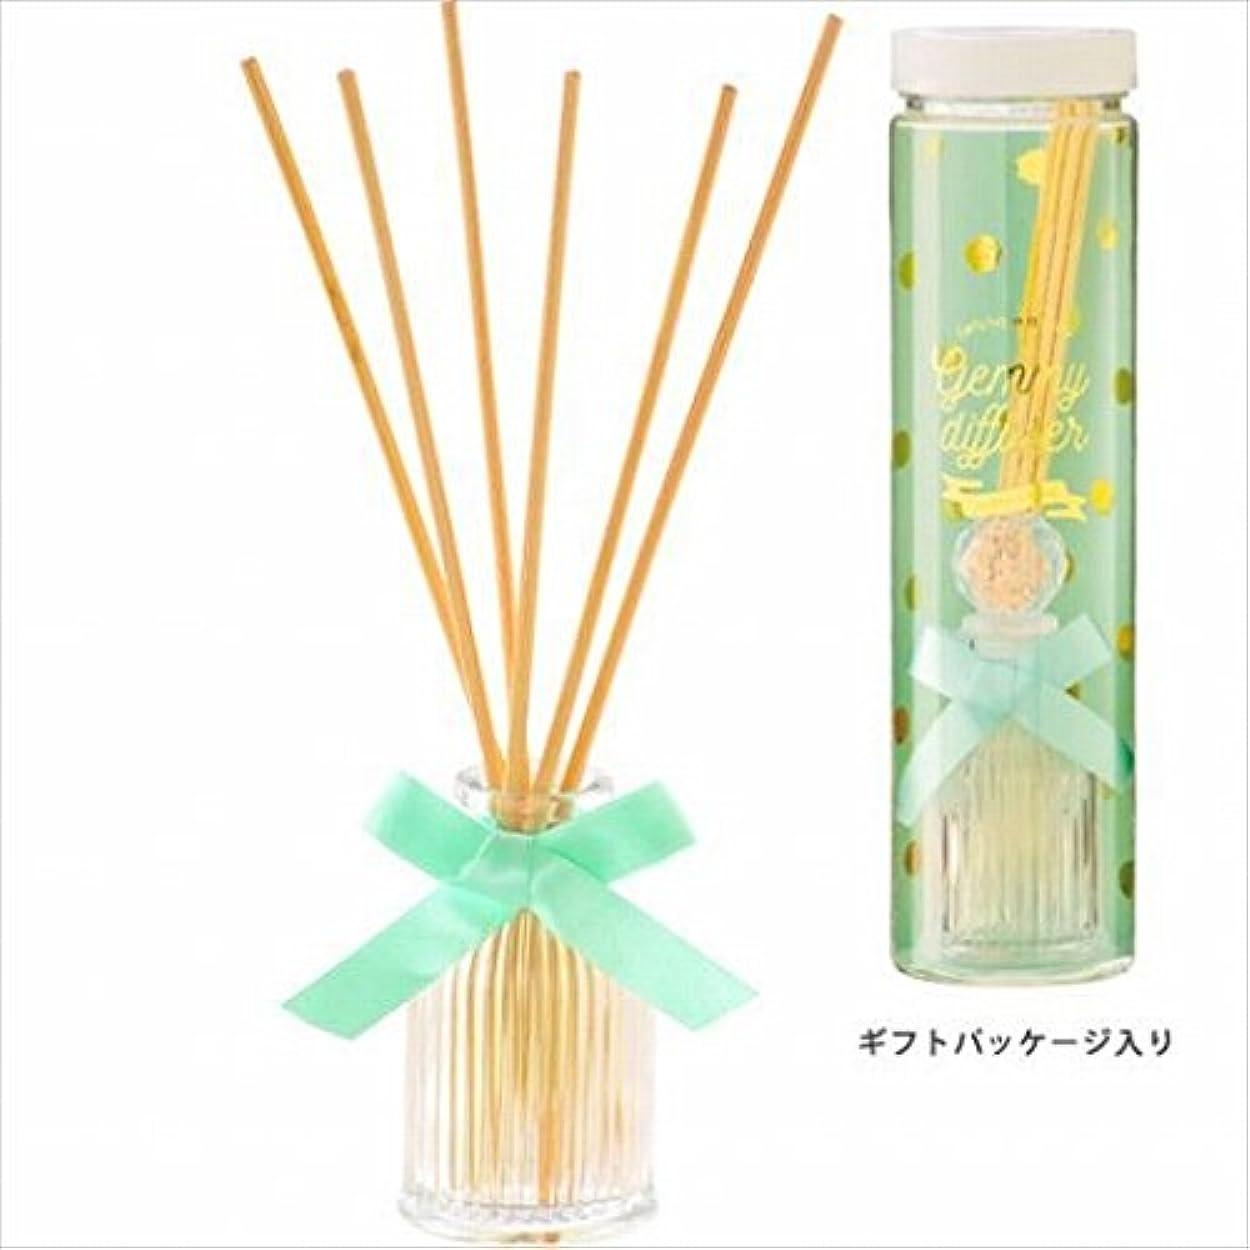 含む実り多い親愛なカメヤマキャンドル(kameyama candle) GEMMY (ジェミー) ディフューザー 「 タイム 」6個セット